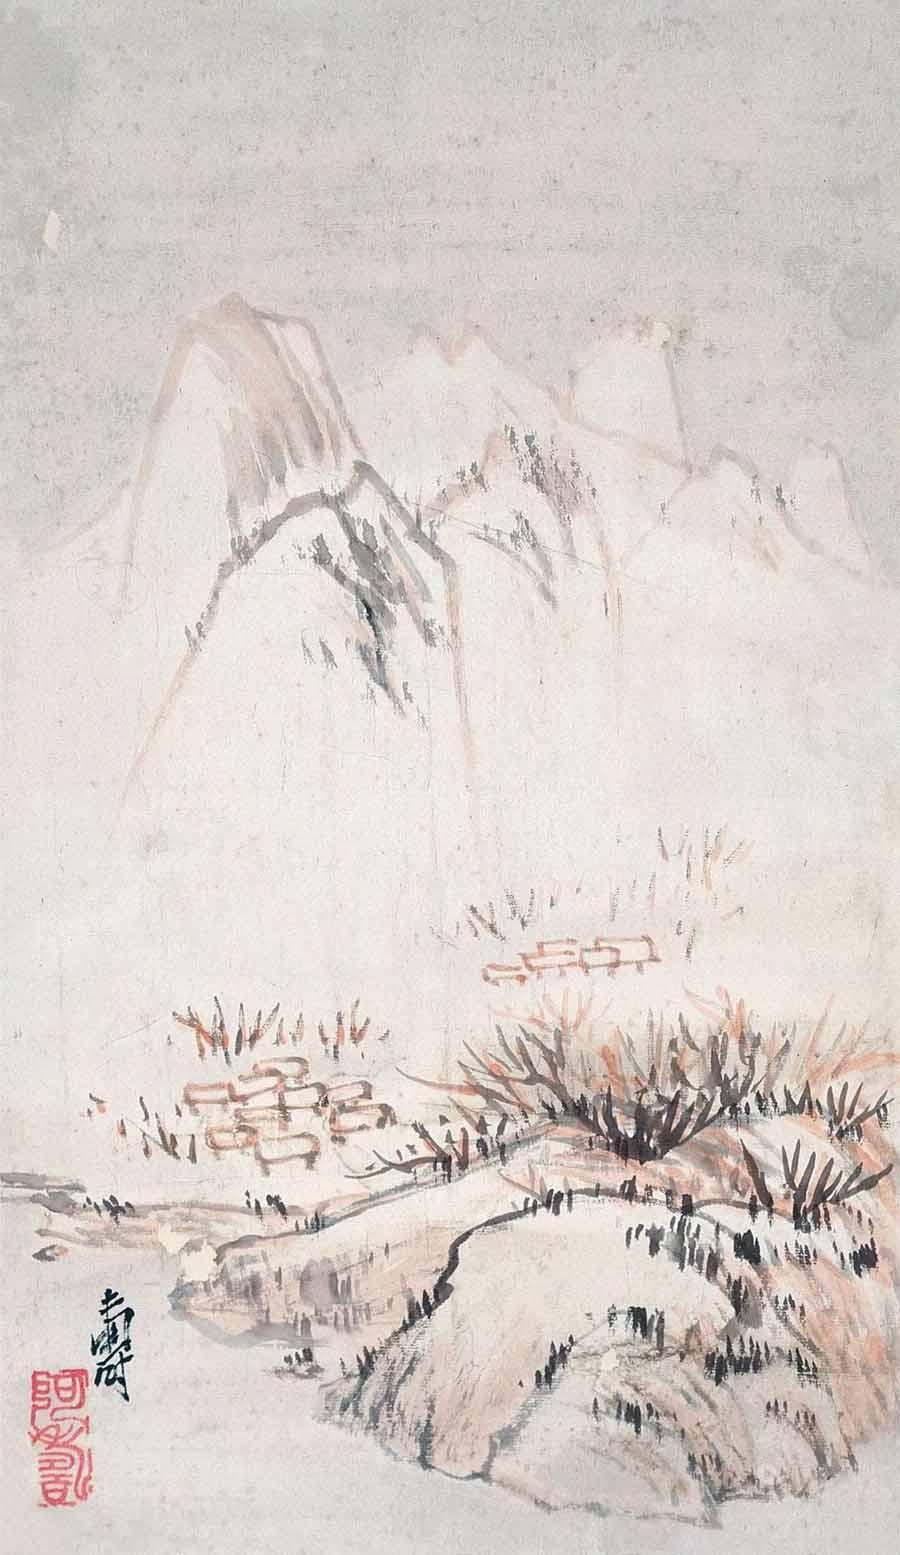 潘天寿 《雪景山水》66×35cm